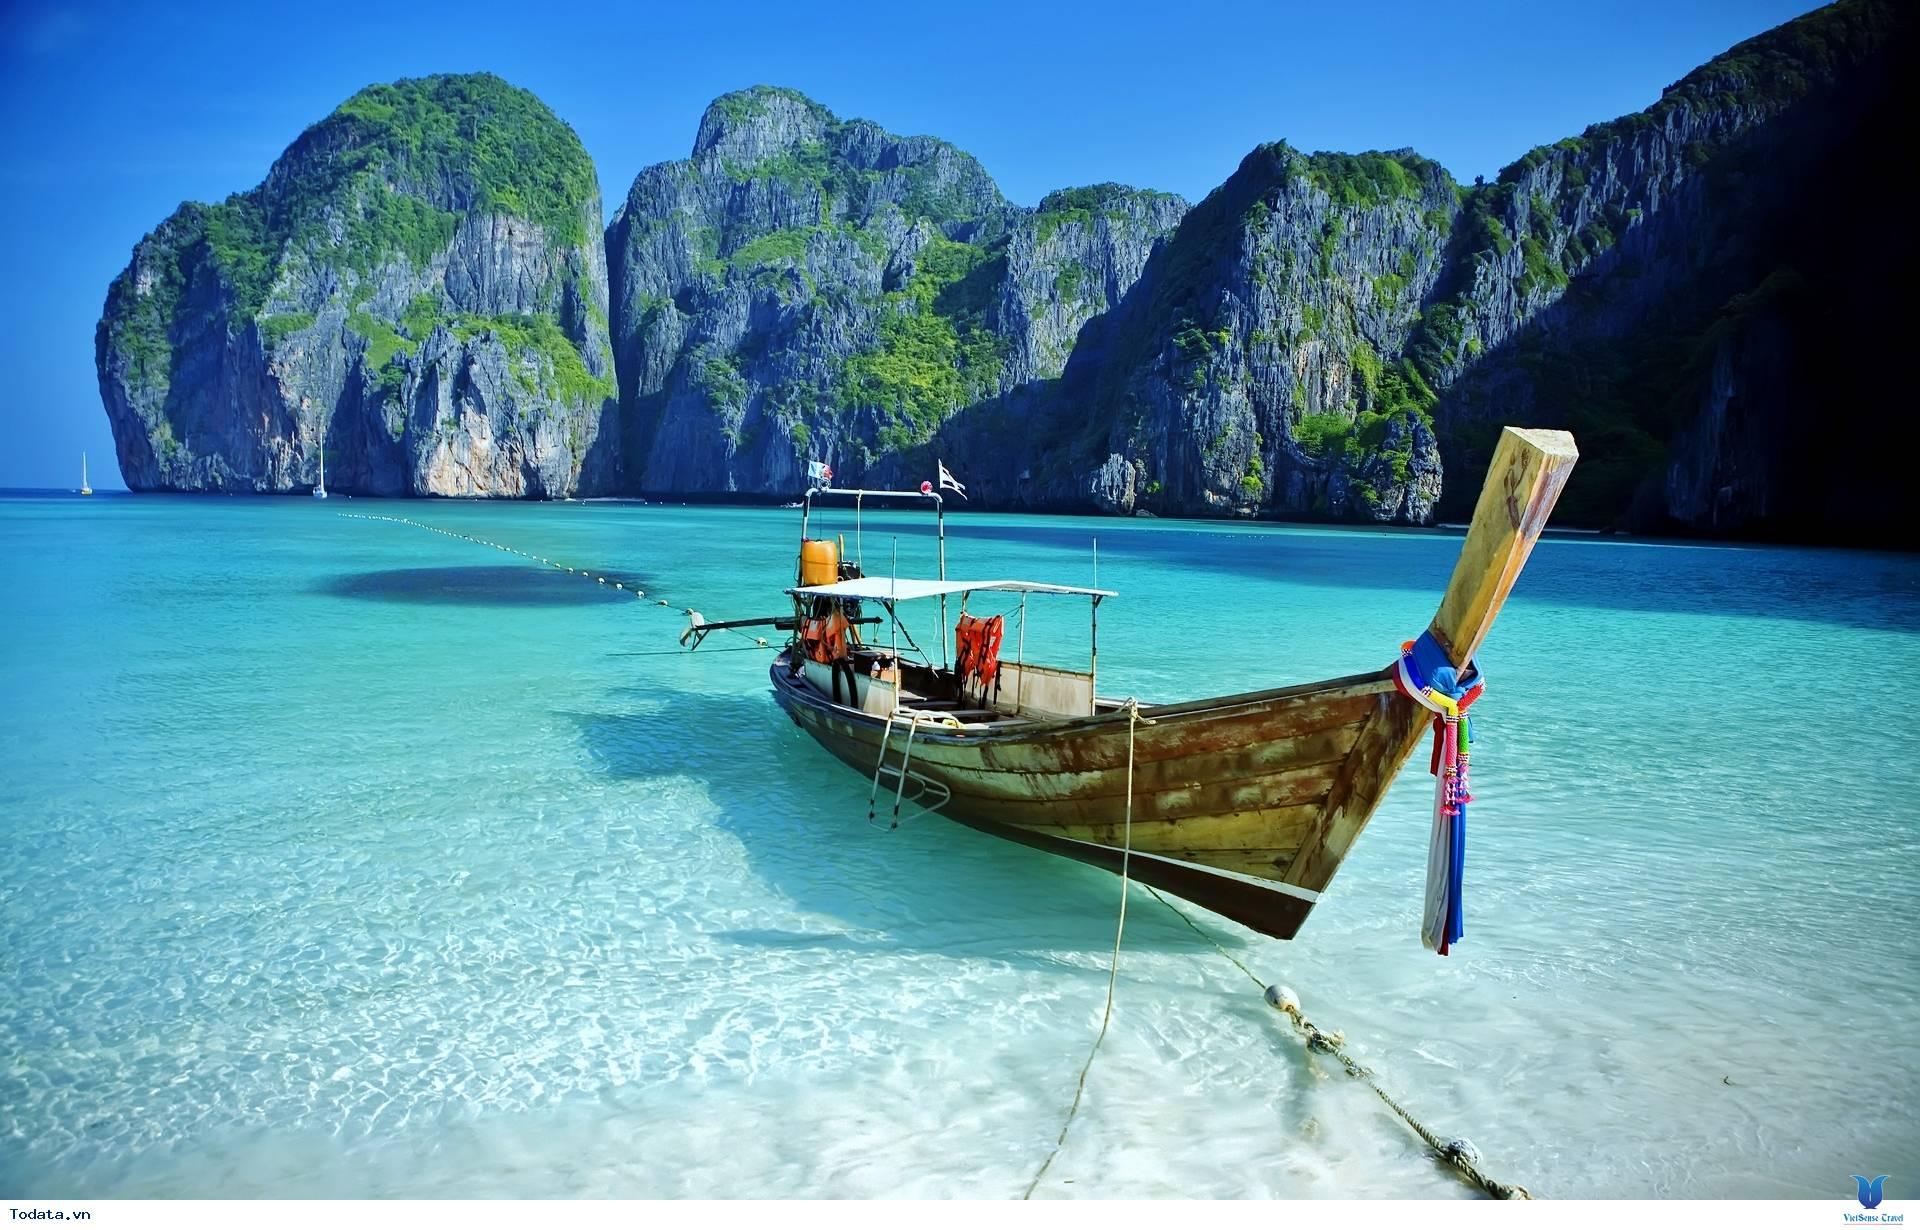 Đến Thái Lan và trải nghiệm một nơi mà được gọi là Thiên Đường Miền Nhiệt Đới - Ảnh 3